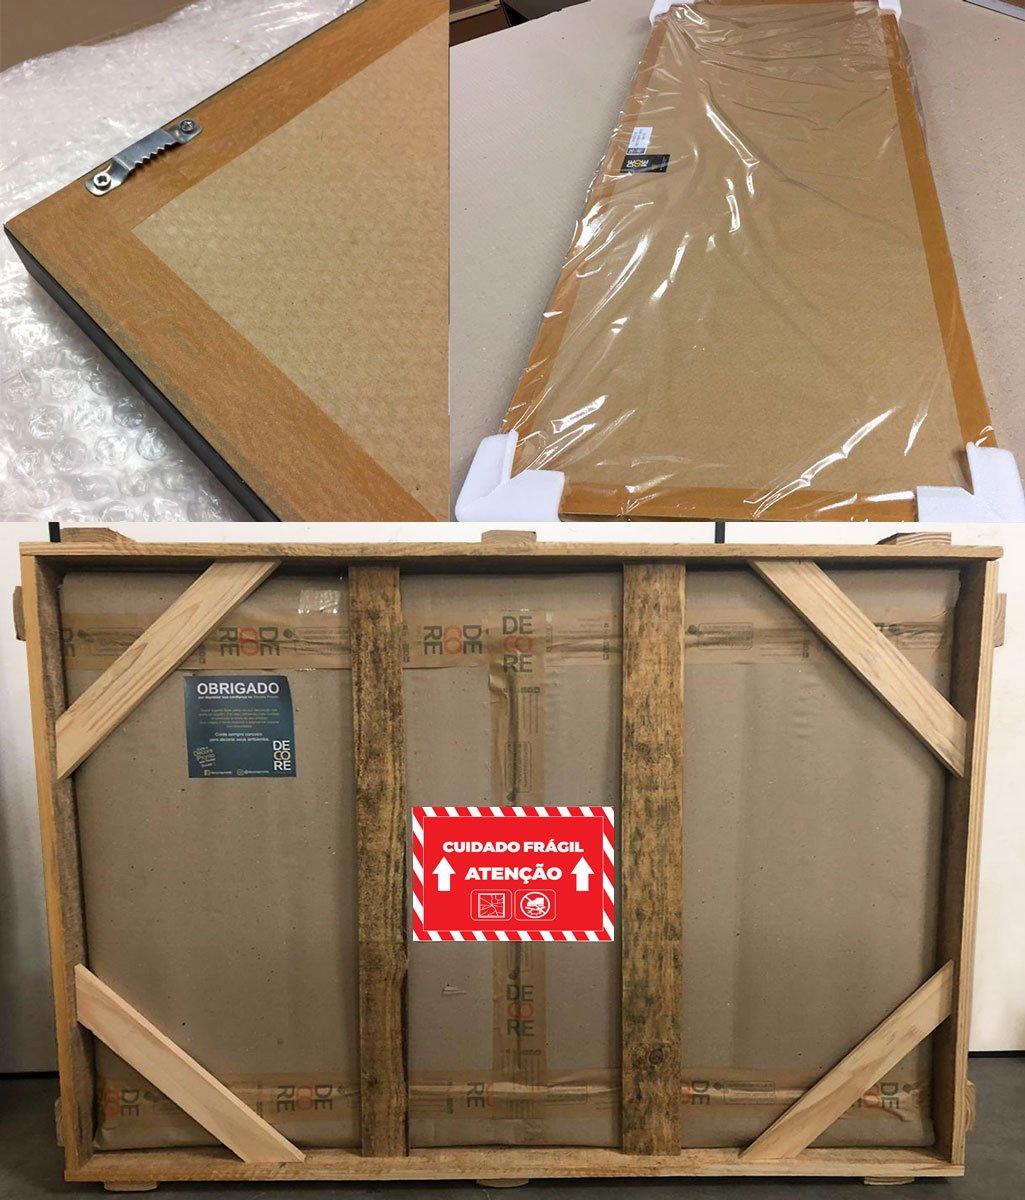 Papel Kraft, cantoneiras de papelão duplo ou polietileno, plástico termo encolhível, plástico bolha, caixa de papelão, chass de madeira e avisos de mercadoria frágil, para um transporte ainda mais seguro contra avarias.